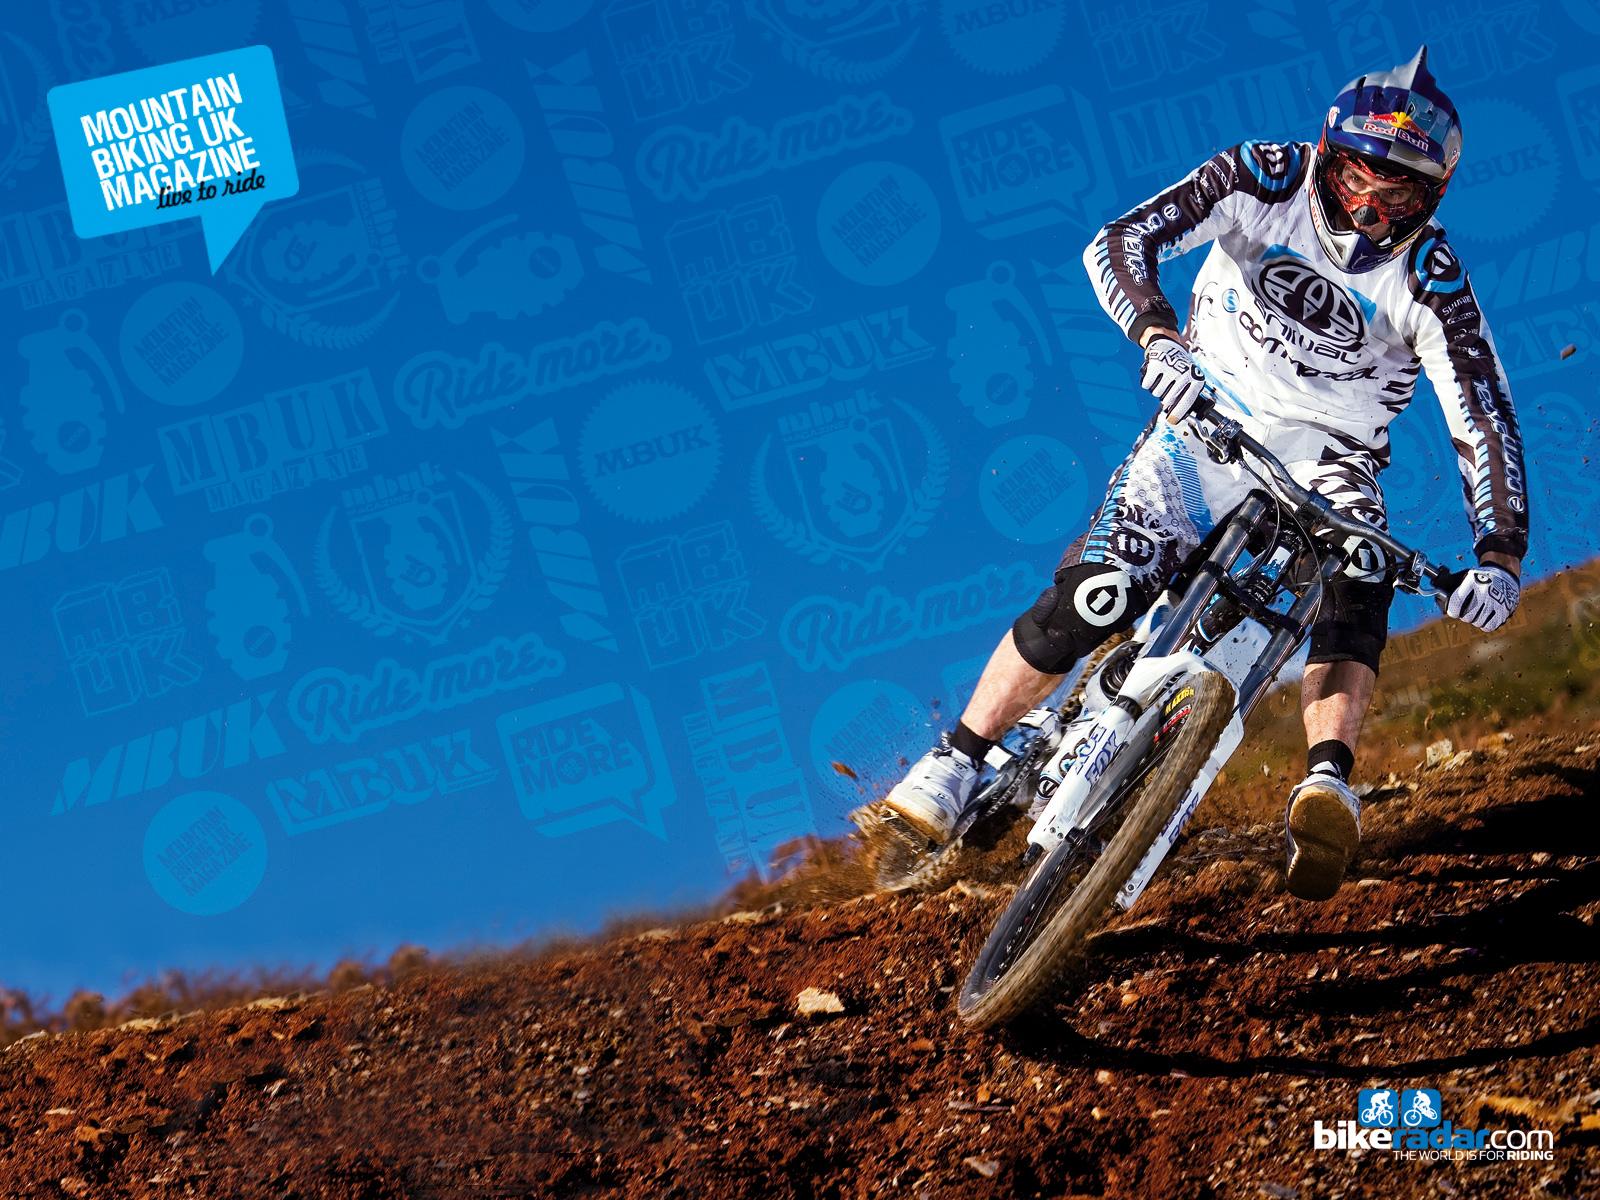 http://1.bp.blogspot.com/-9AI7b4F5q38/UCy1CtWqjVI/AAAAAAAAAIo/gXSaF_DAbk8/s1600/stunt-hd-mountain-bike-909868.jpg